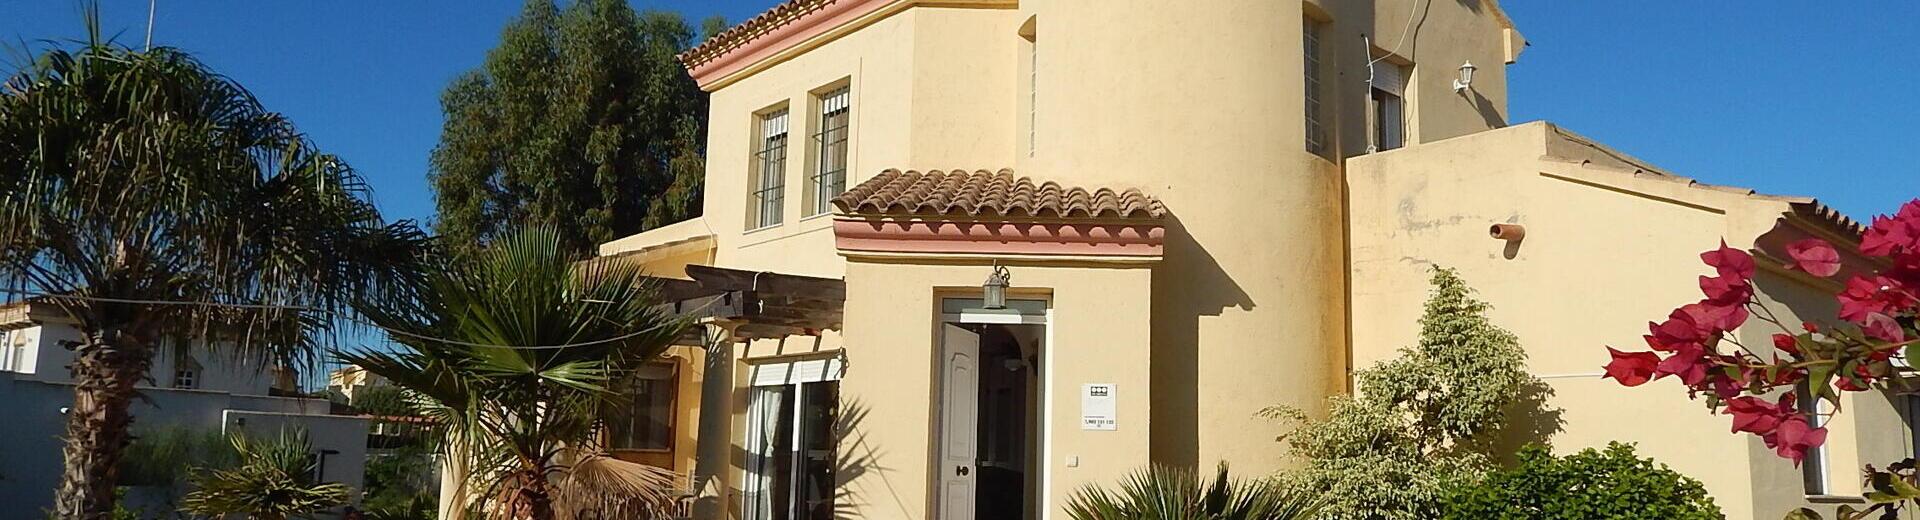 VIP7783 : Villa te koop